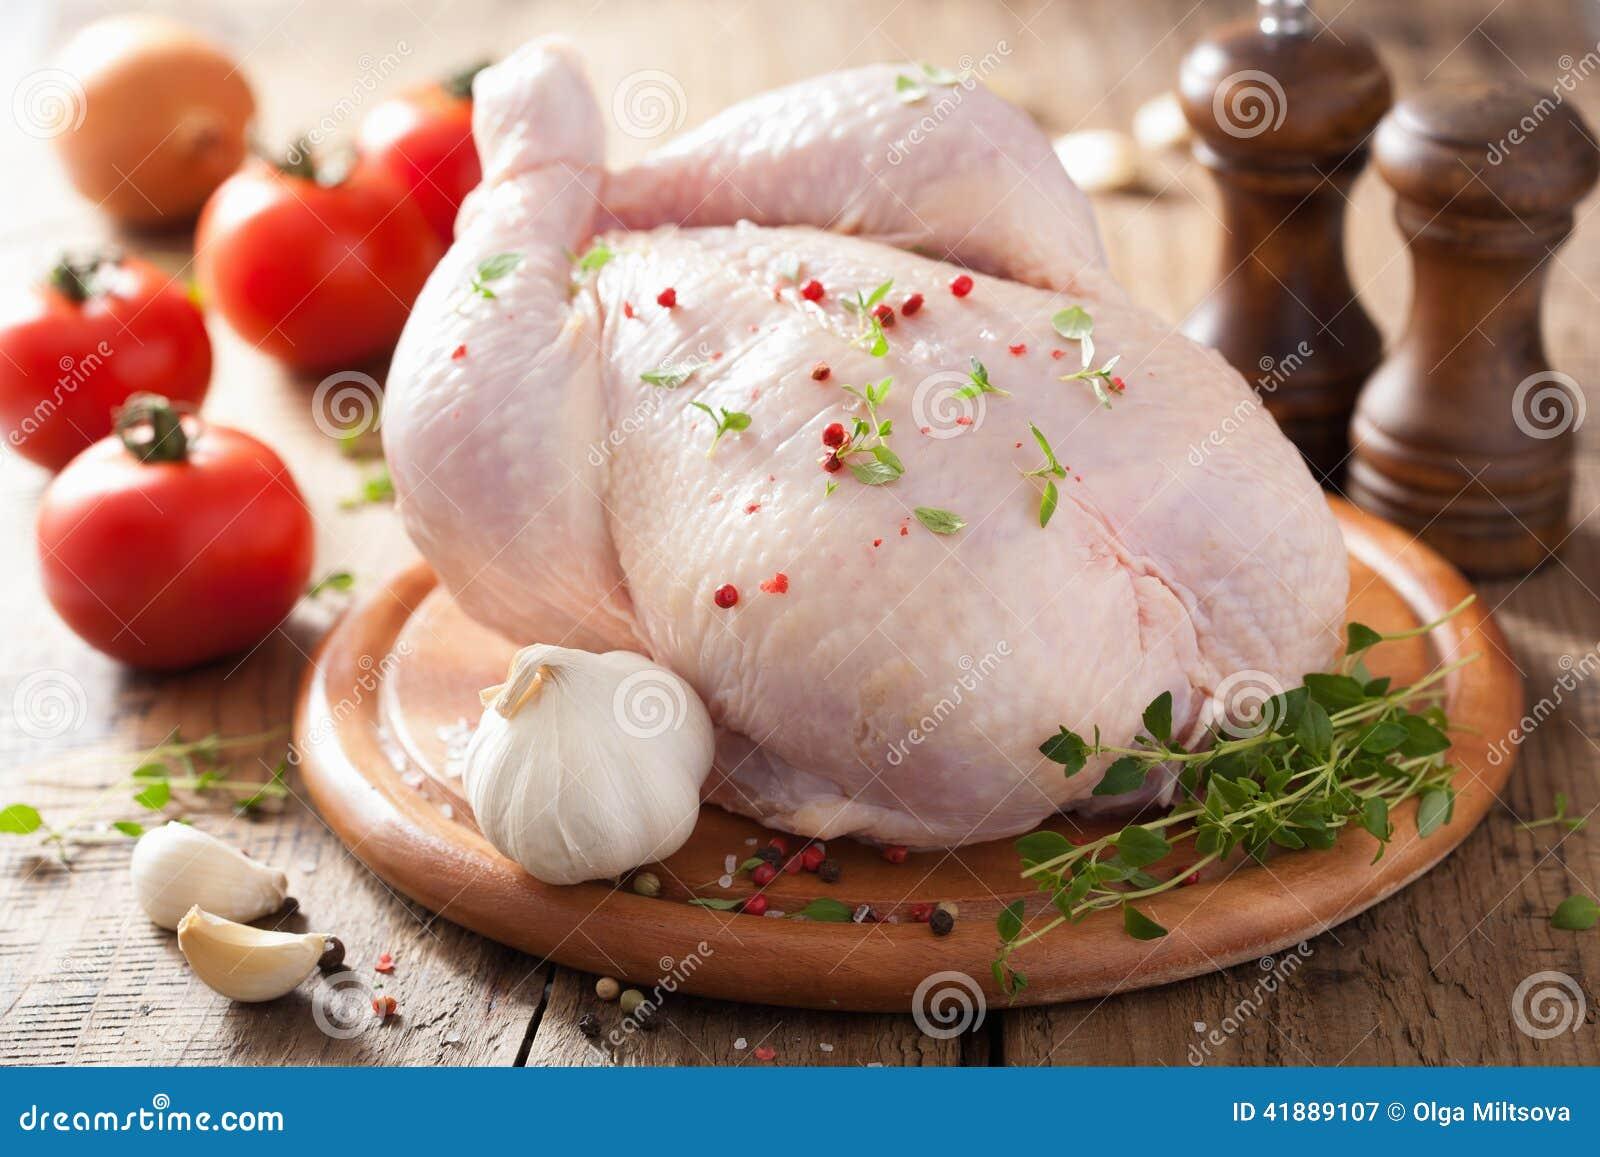 Pollo Crudo Entero Con Pimienta Y Tomillo Color De Rosa Imagen de ...